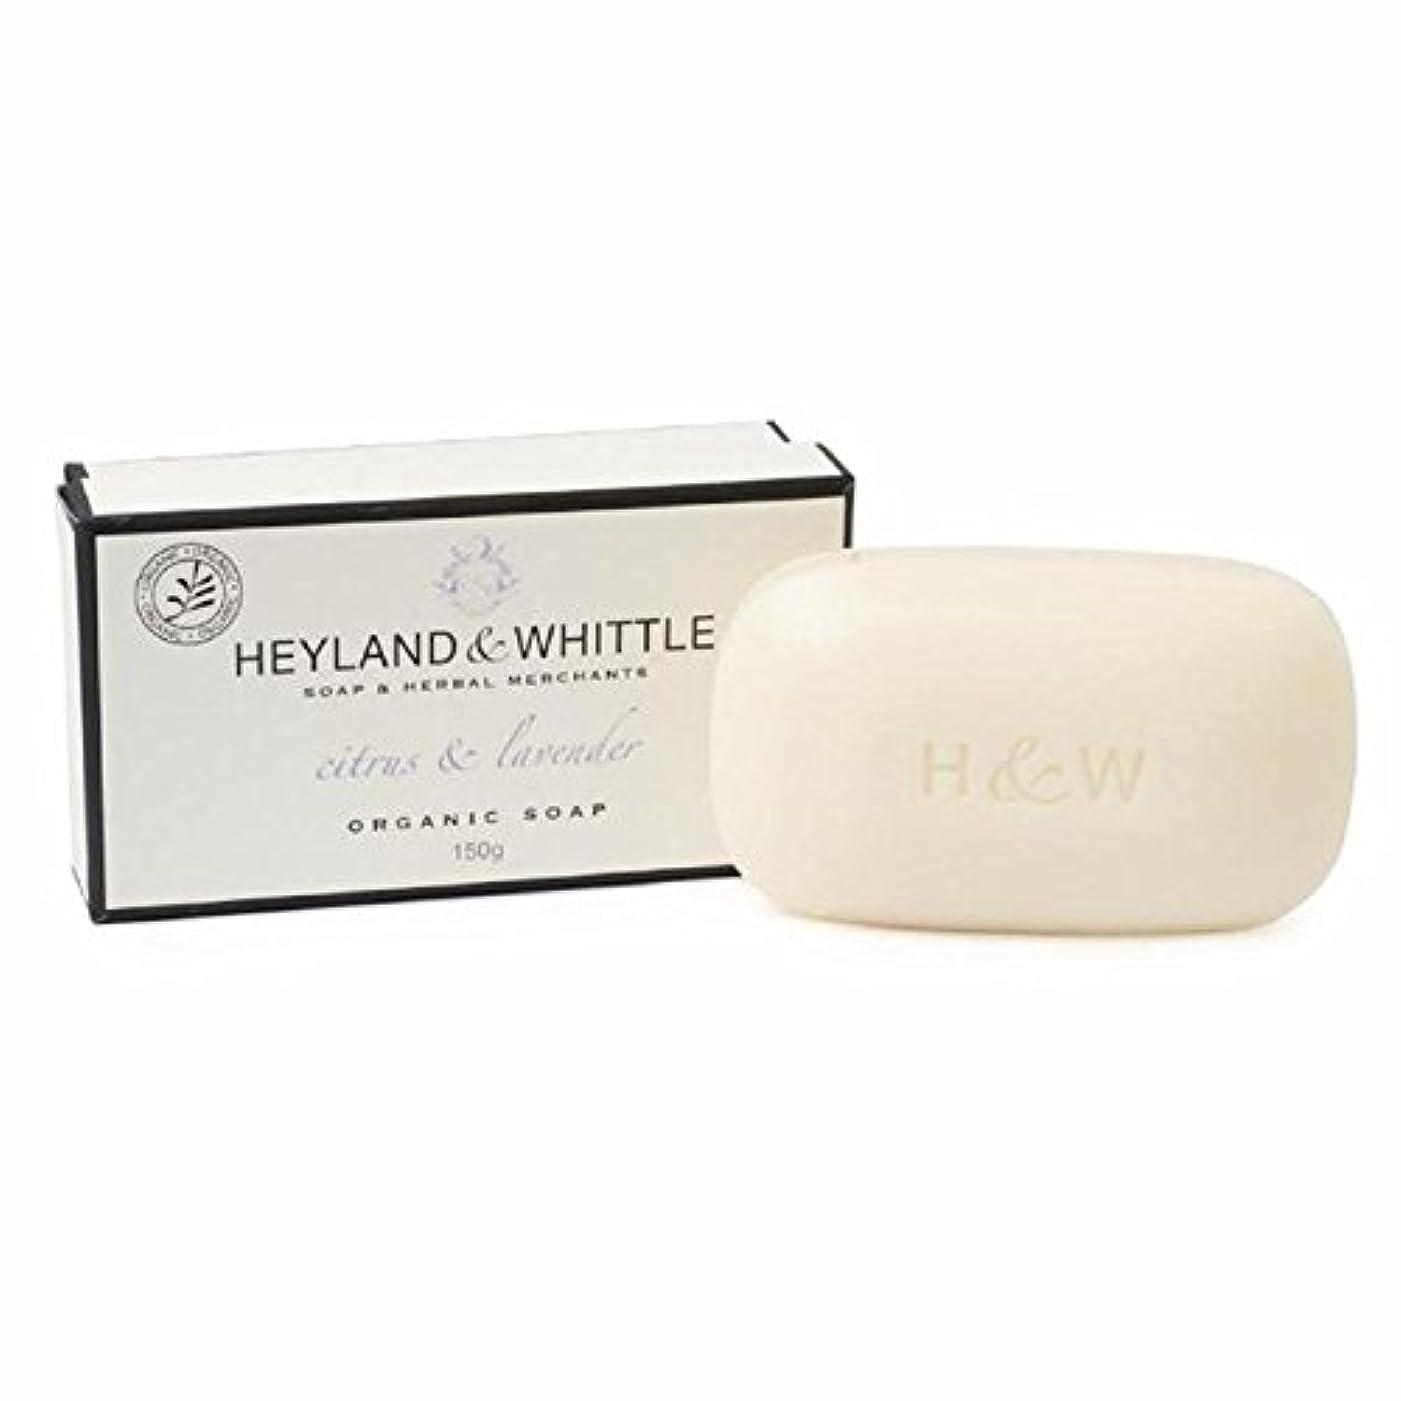 家庭教師かんがい上流のHeyland & Whittle Citrus & Lavender Boxed Organic Soap 150g (Pack of 6) - &削るシトラス&ラベンダーは、有機石鹸150グラム箱入り x6 [並行輸入品]